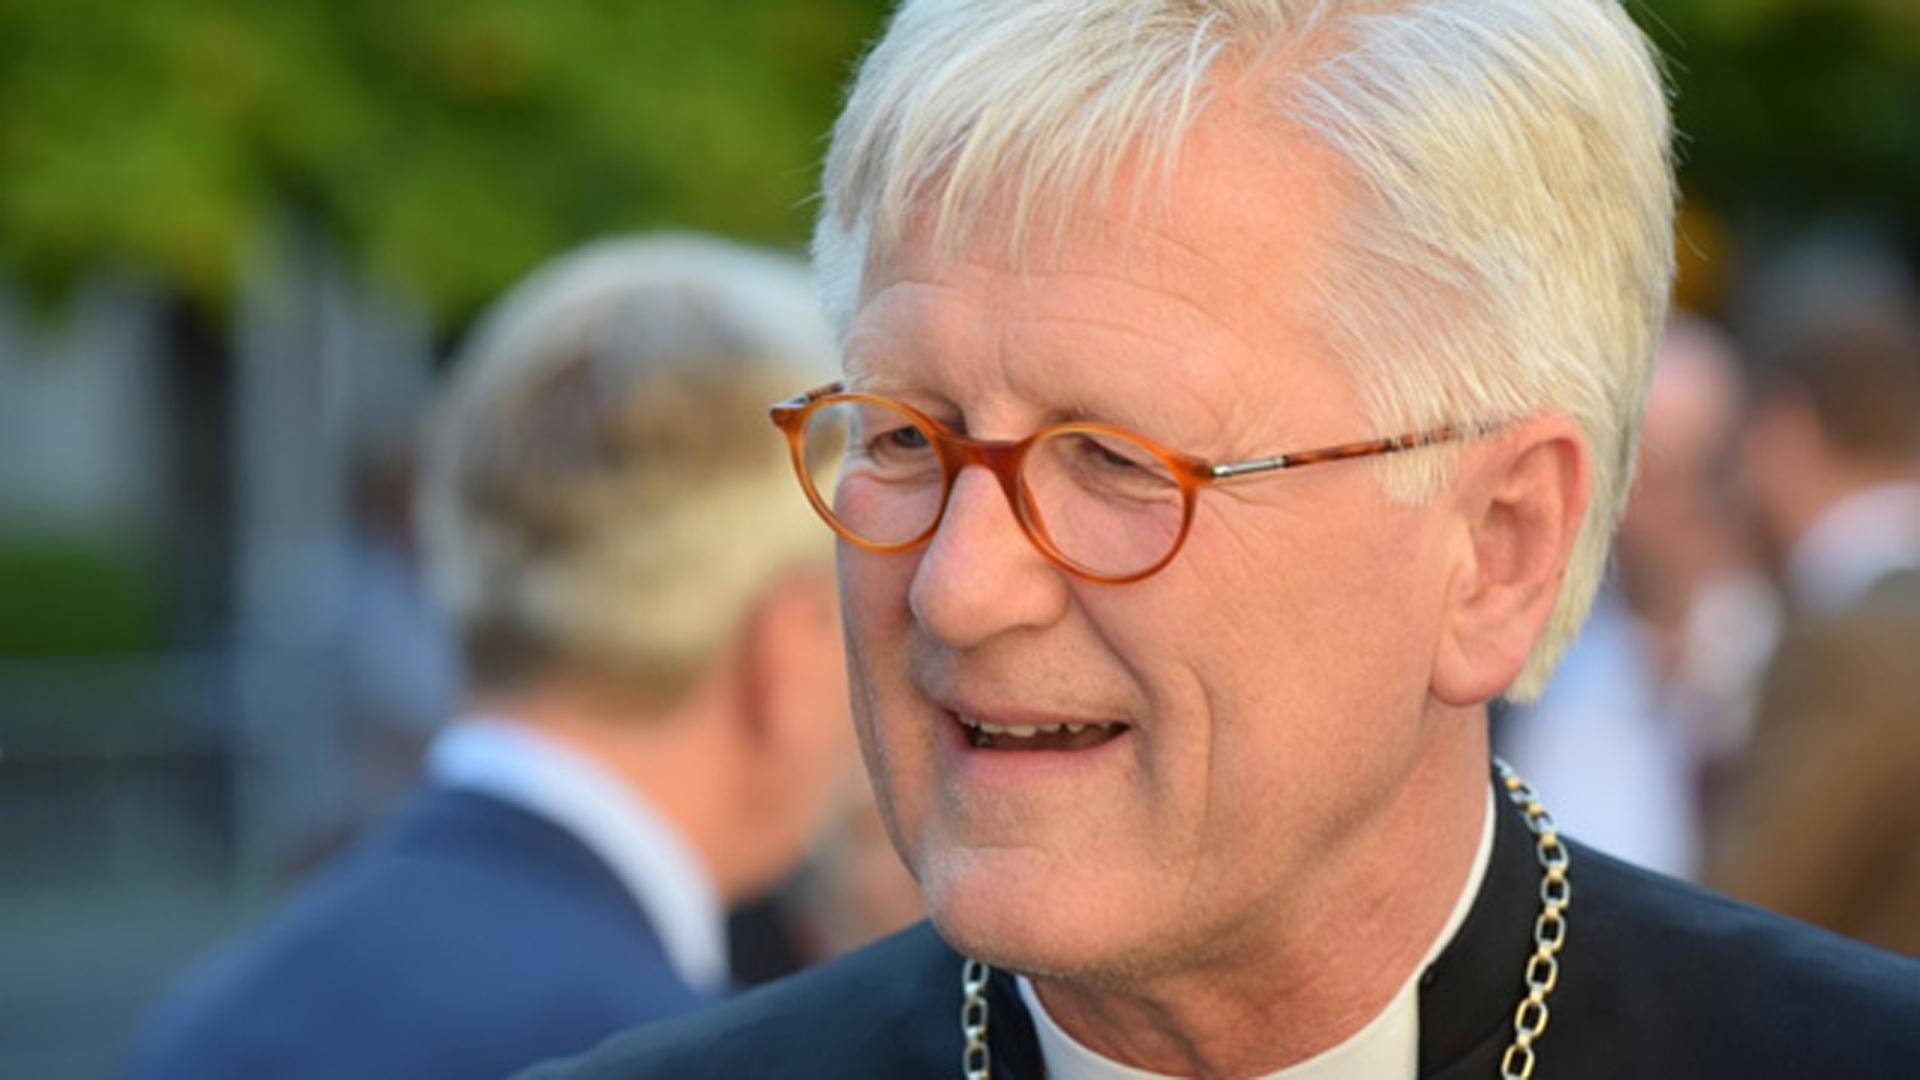 Heinrich Bedford-Strohm machte die Digitalisierung zum Thema seiner Rede beim jährlichen Johannisempfang der Evangelischen Kirche